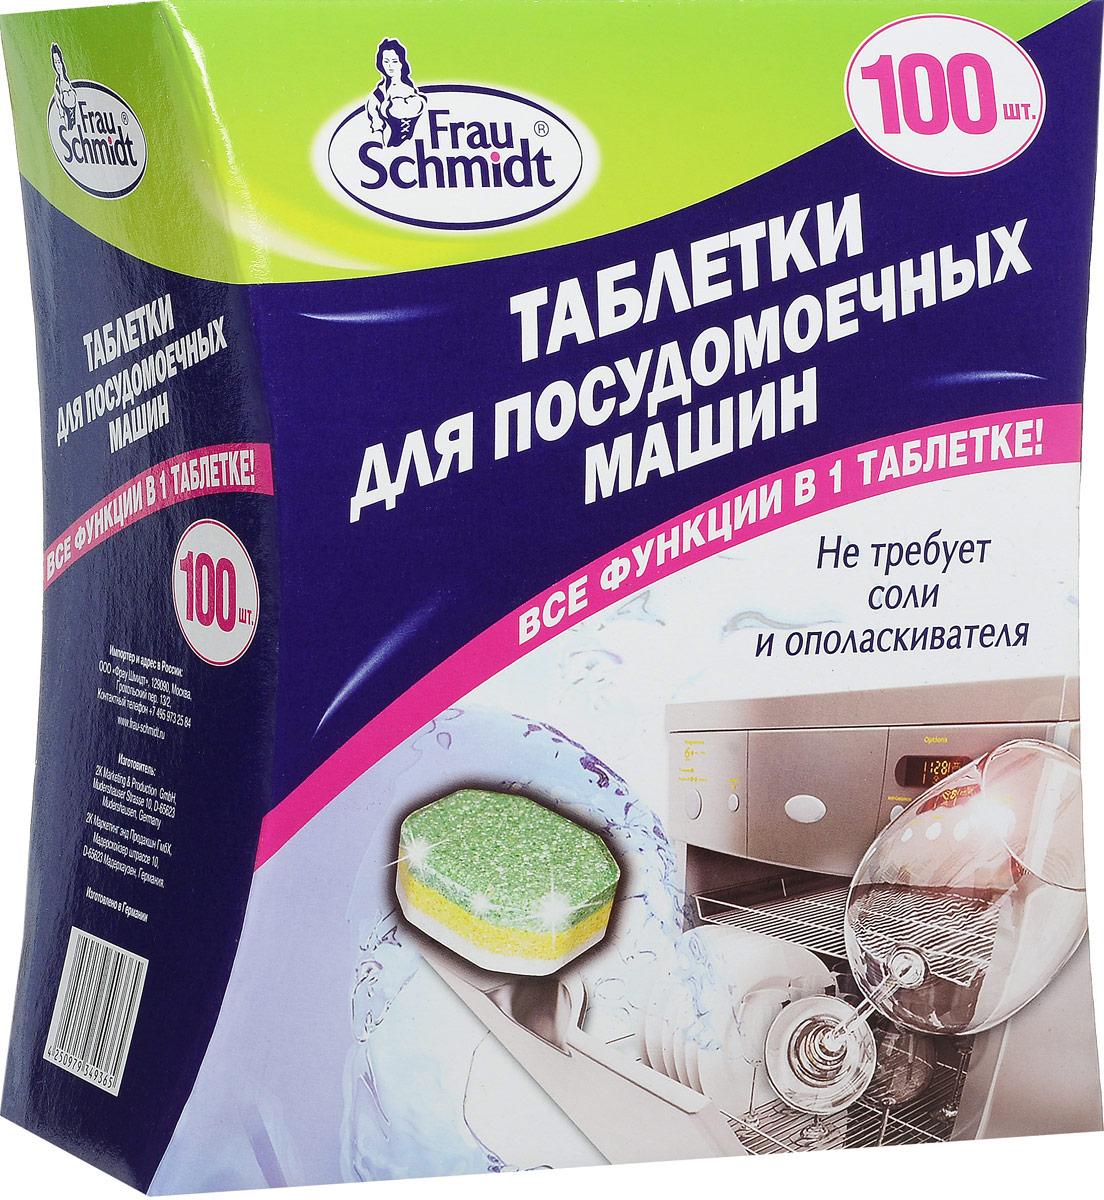 Таблетки для посудомоечной машины Frau Schmidt Все в одном, 100 шт бытовая химия frau schmidt classic таблетки для мытья посуды в посудомоечной машине все в 1 60 шт